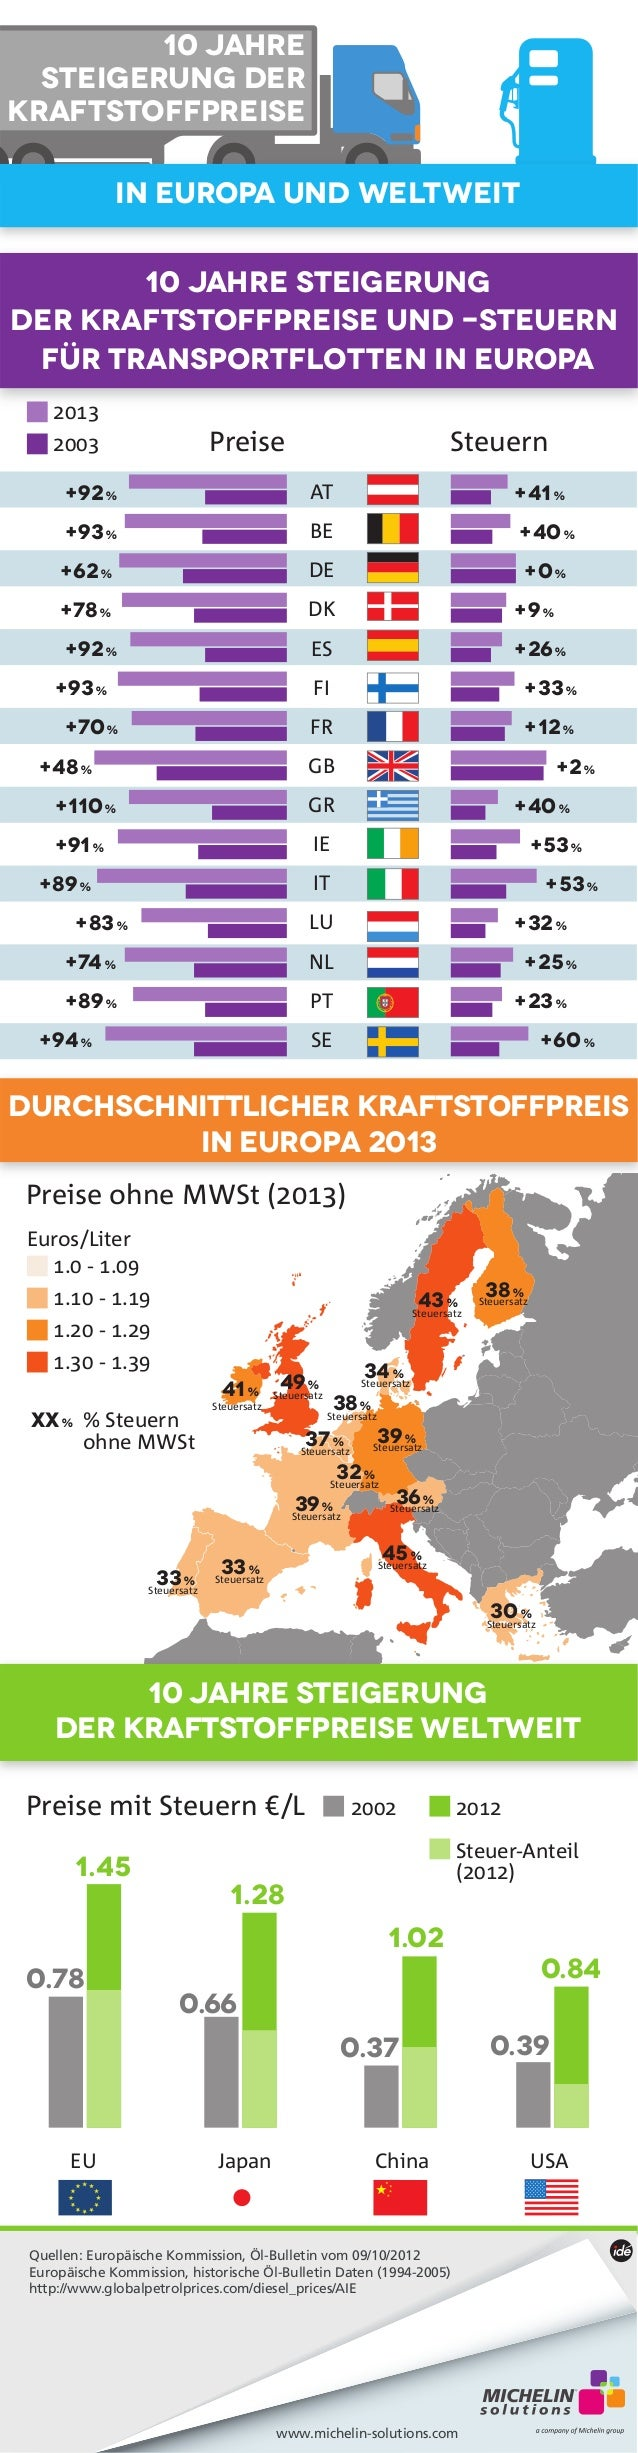 In Europa und weltweit  Durchschnittlicher Kraftstoffpreis  in Europa 2013  Preise ohne MWSt (2013)  34 %  Steuersatz  Ste...